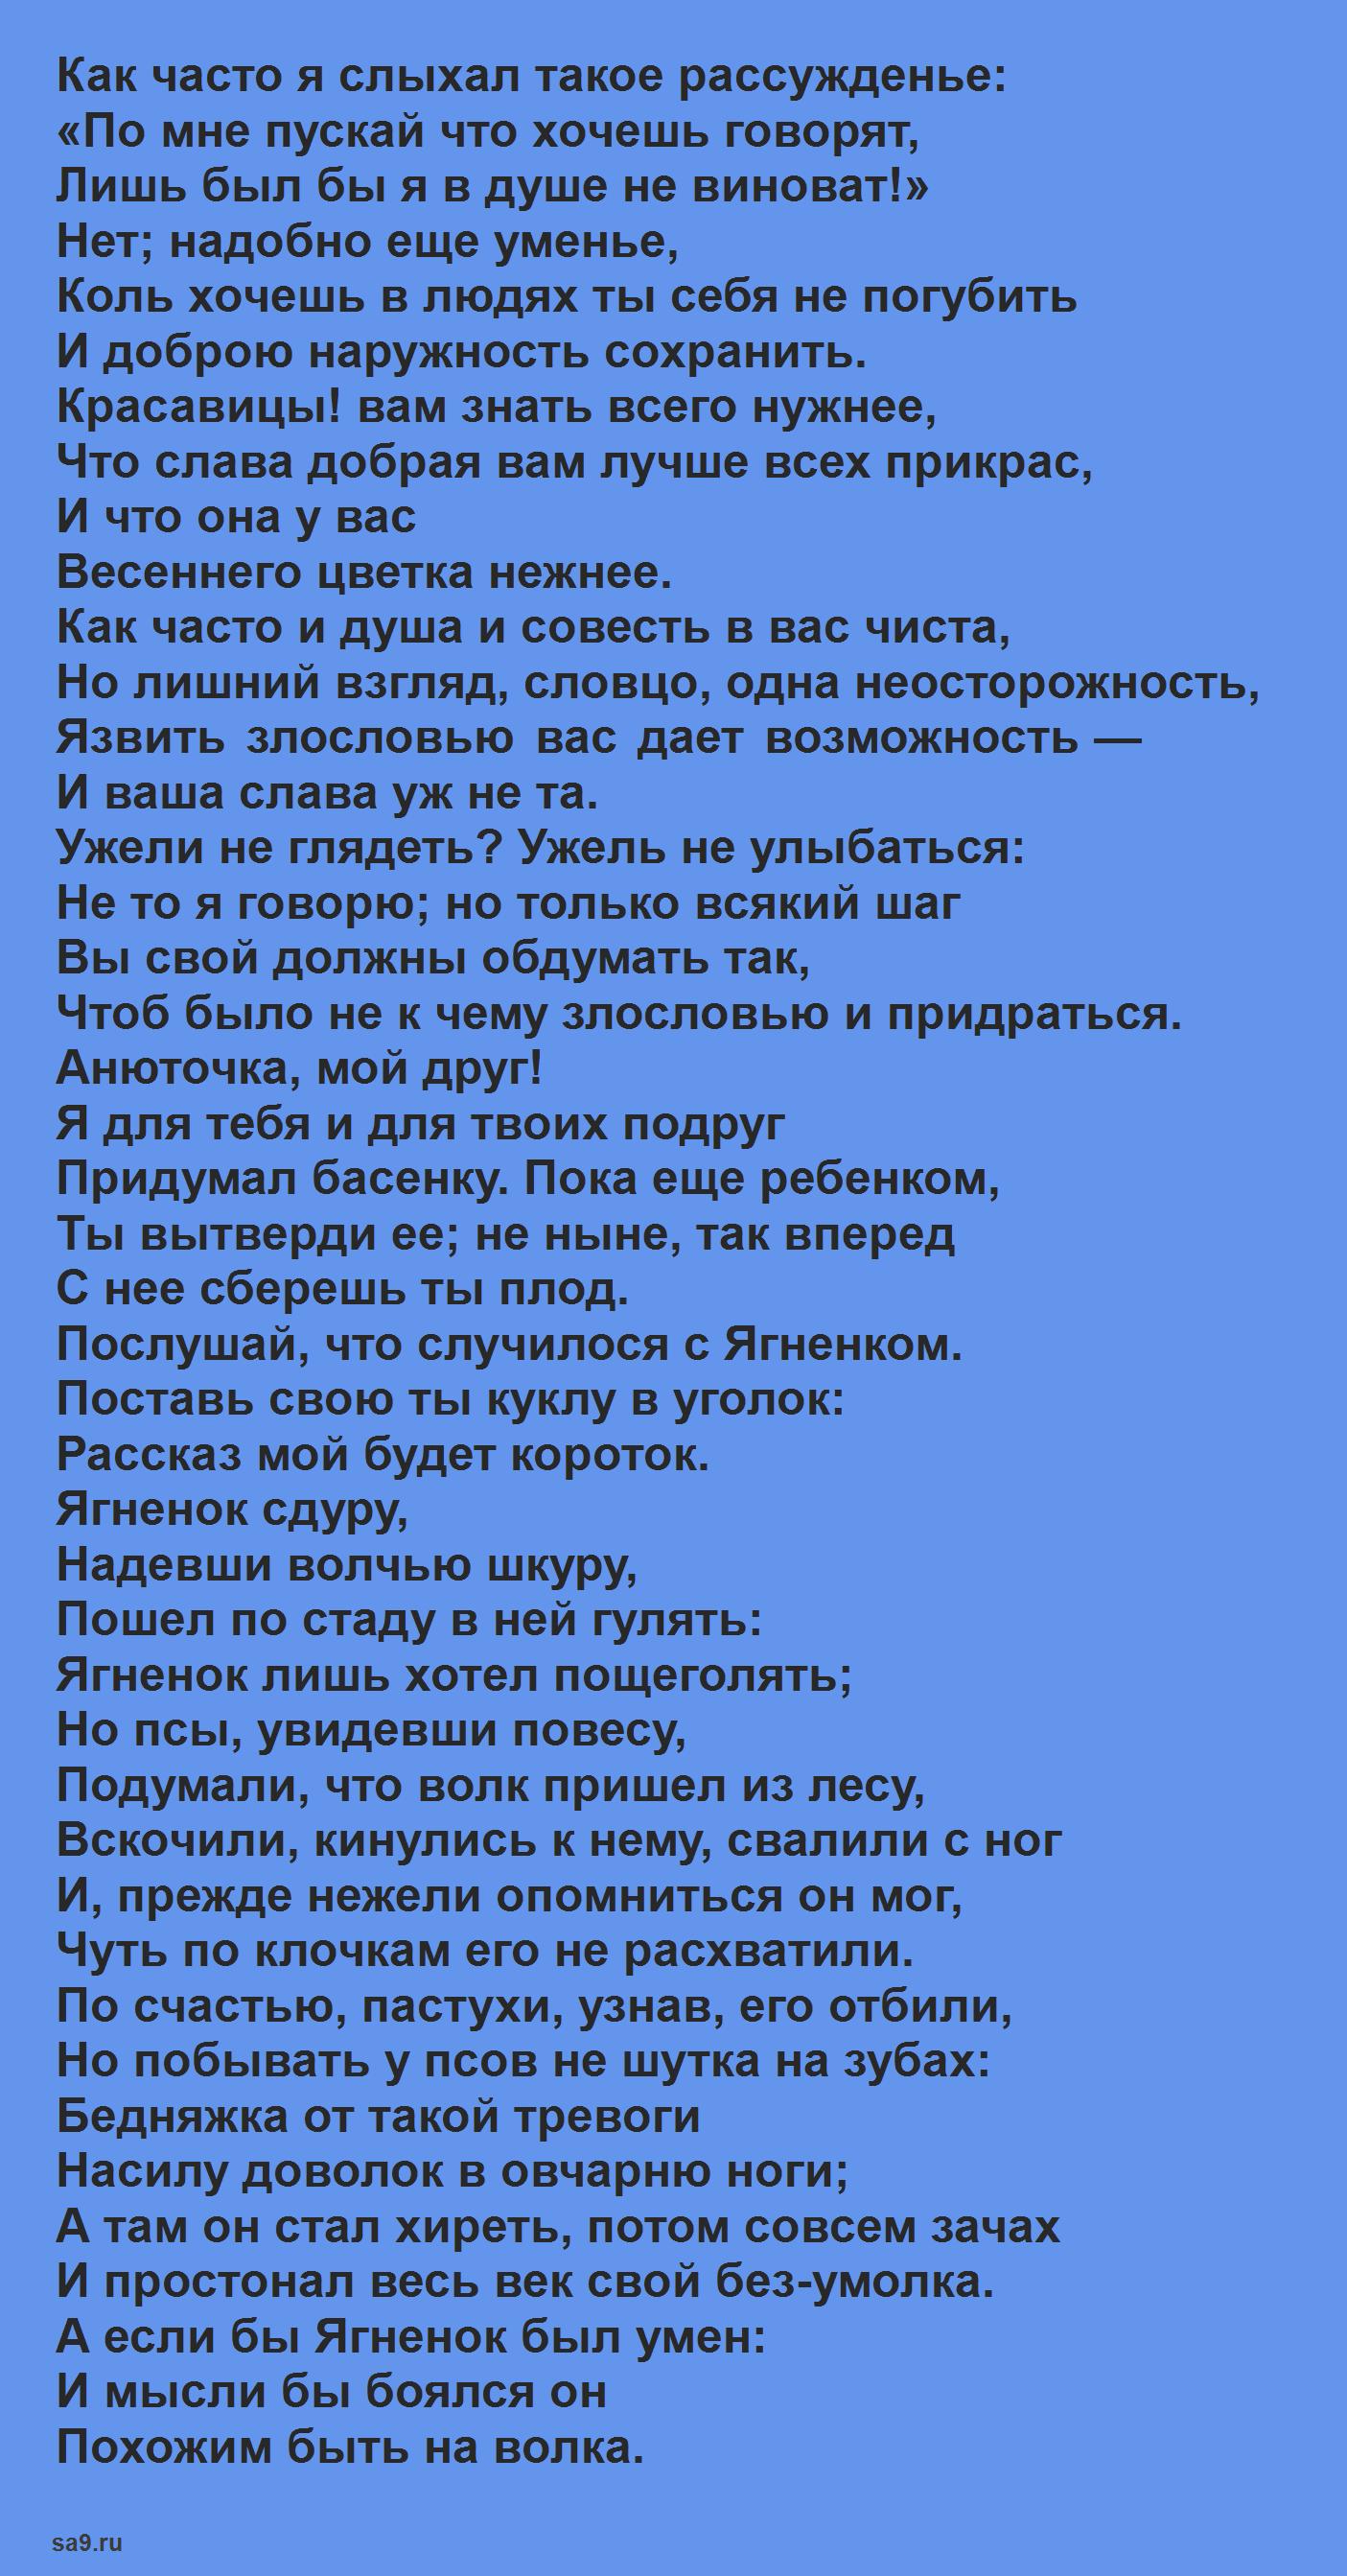 Басня Крылова 'Ягненок', текст басни читать полностью